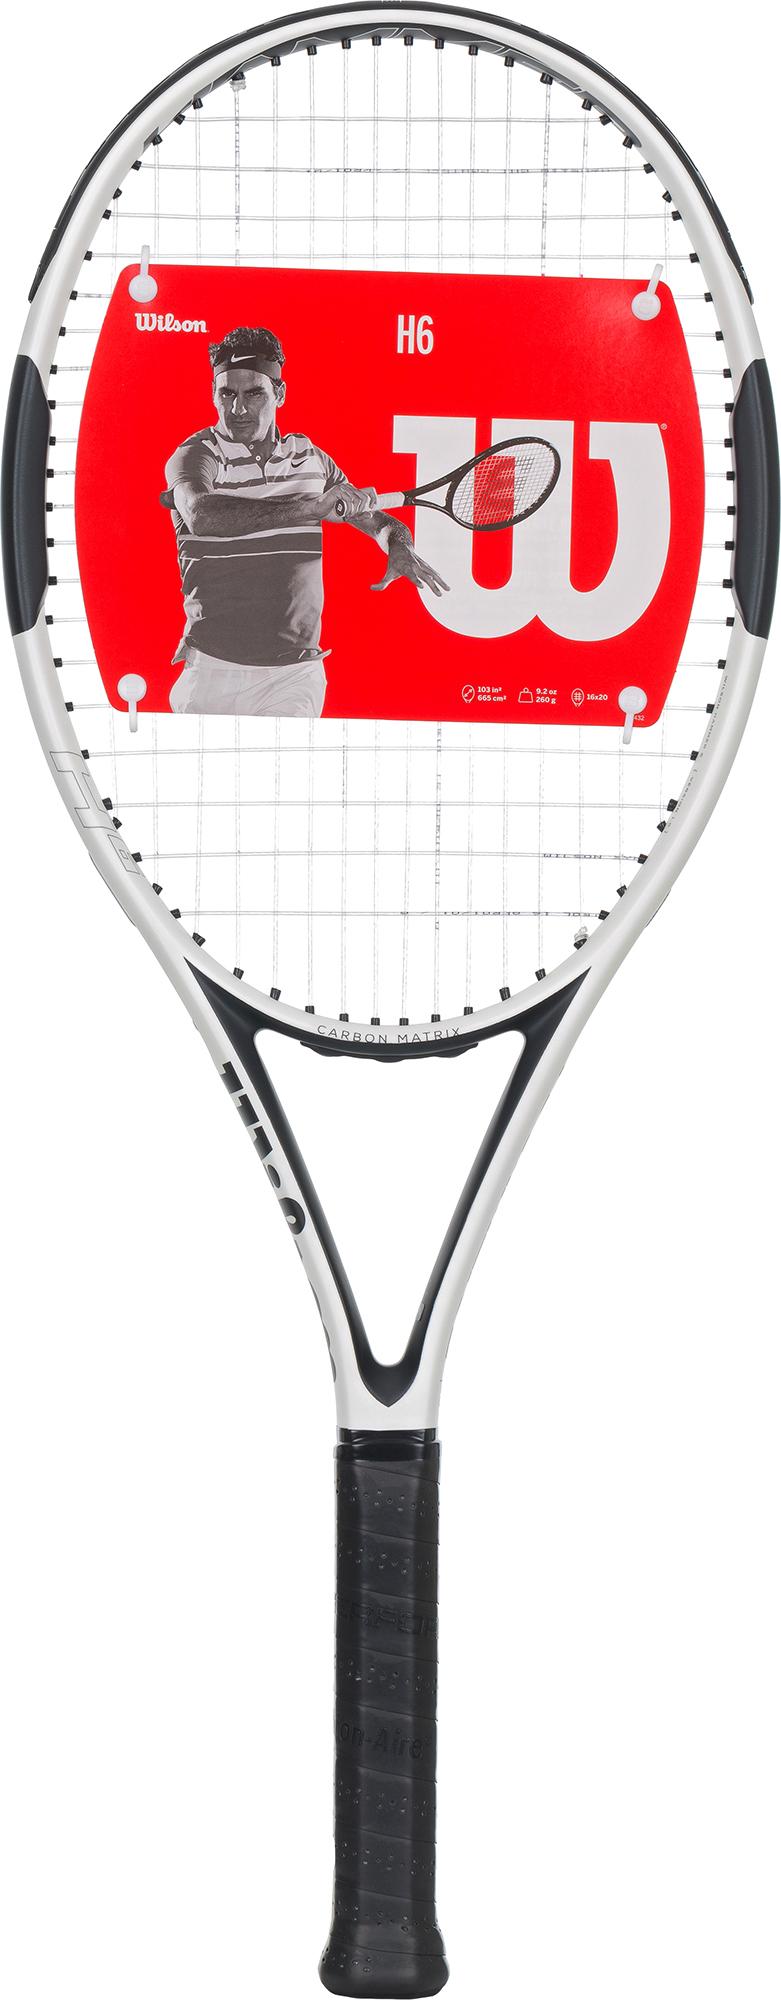 Wilson Ракетка для большого тенниса Wilson H6 сетки для тенниса большого